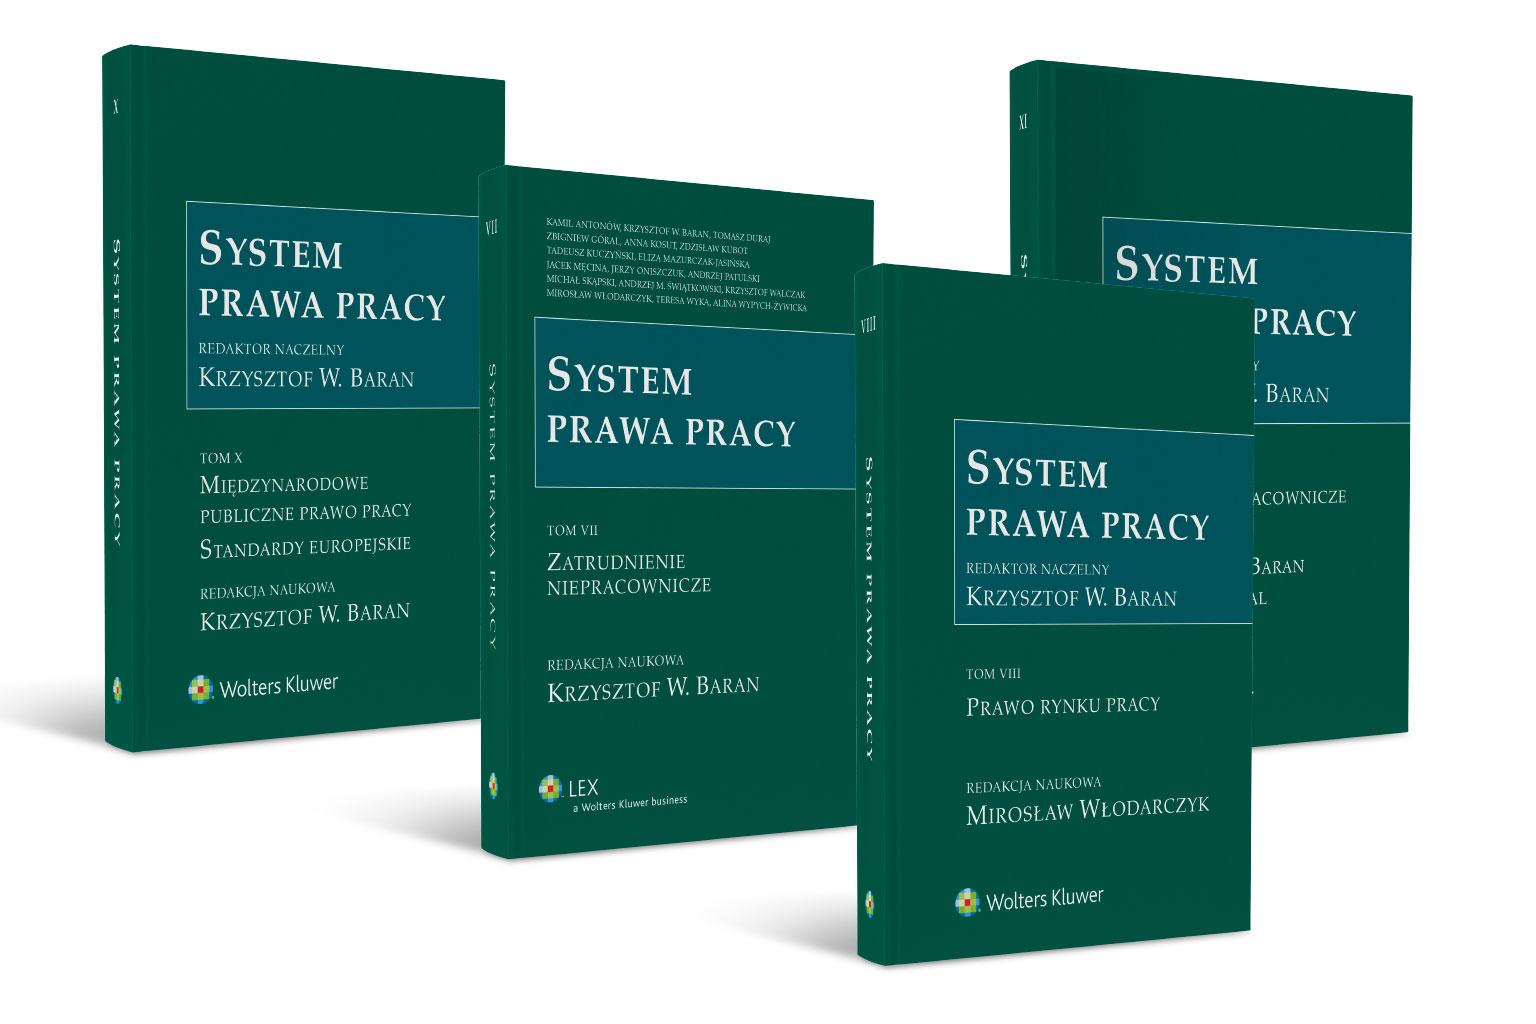 Obecnie dostępne w LEX tomy Systemu Prawa Pracy